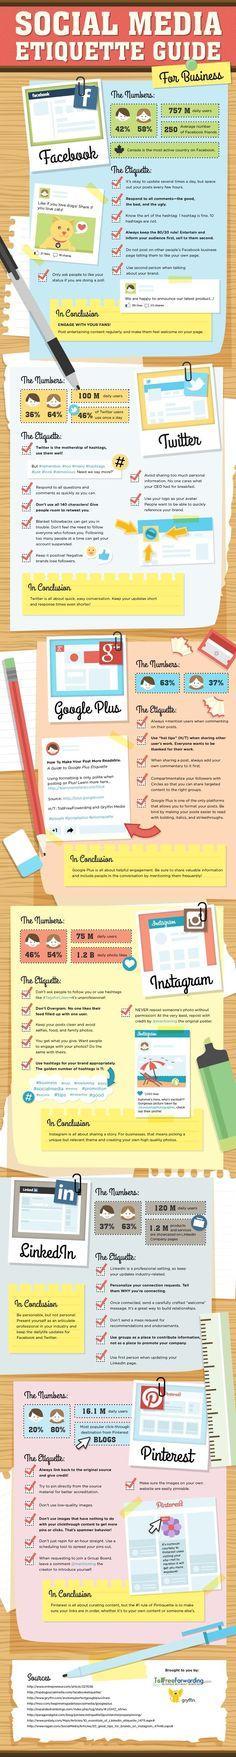 GooglePlus, Twitter, Instagram, Facebook, Pinterest - Social Media Etiquette Guide For Business - #infographic